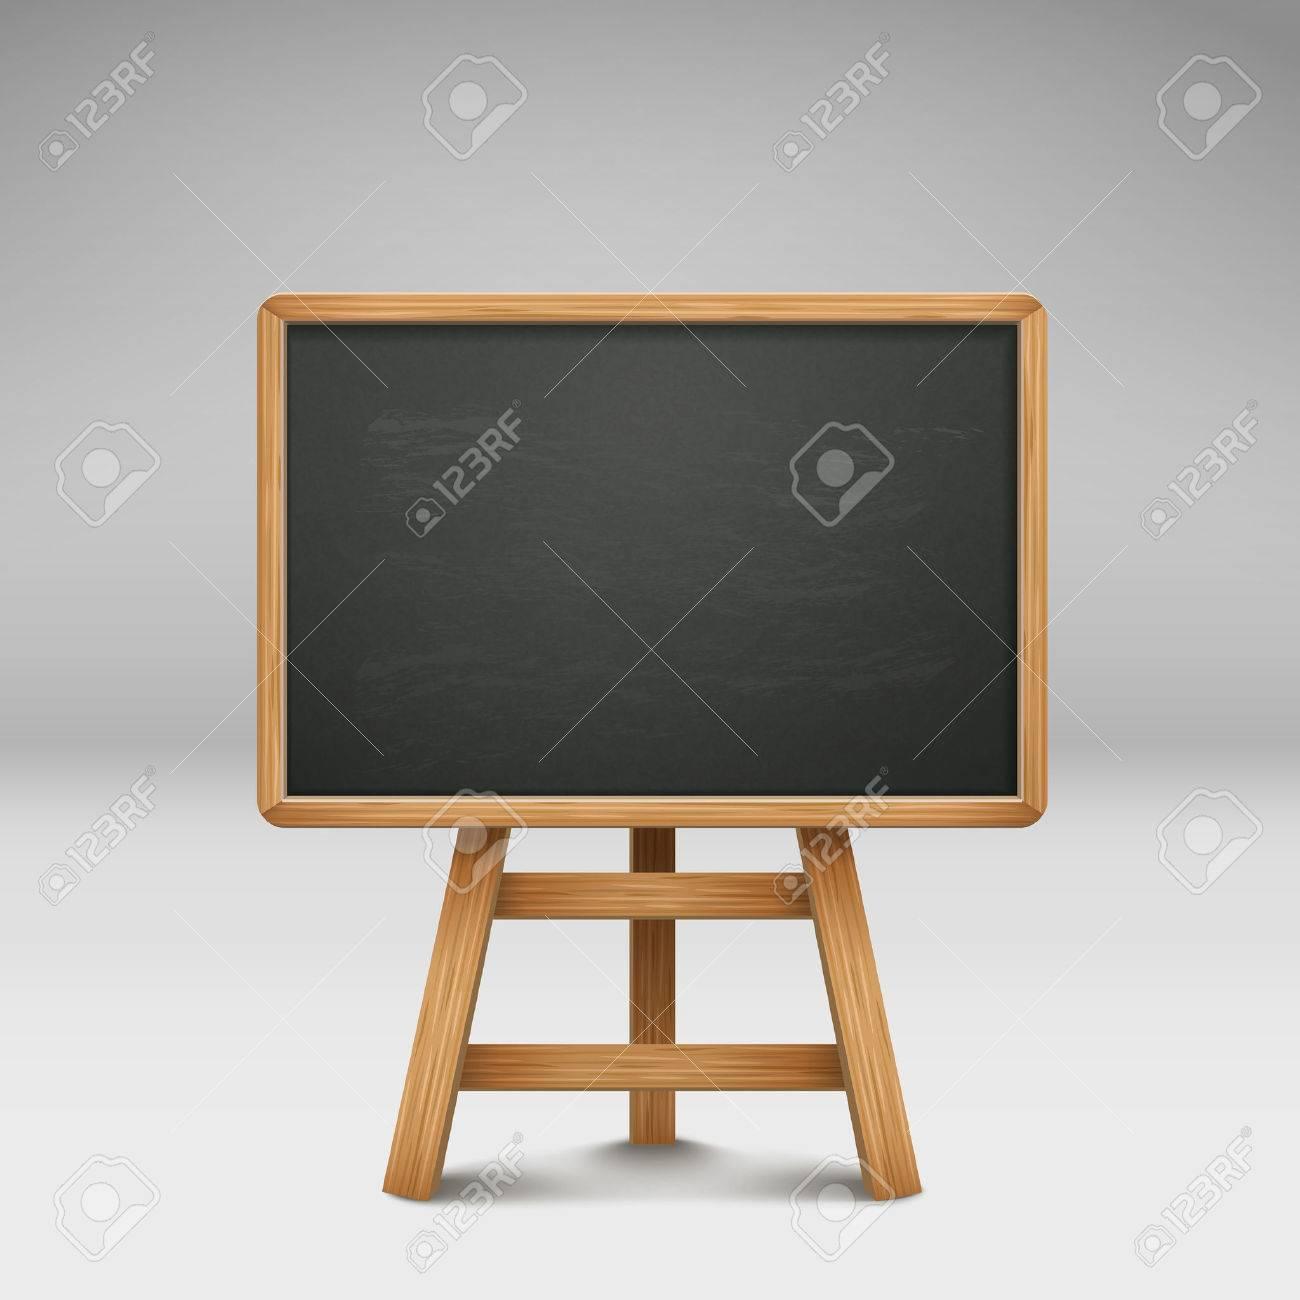 blank blackboard or sandwich board isolated on grey - 32541370